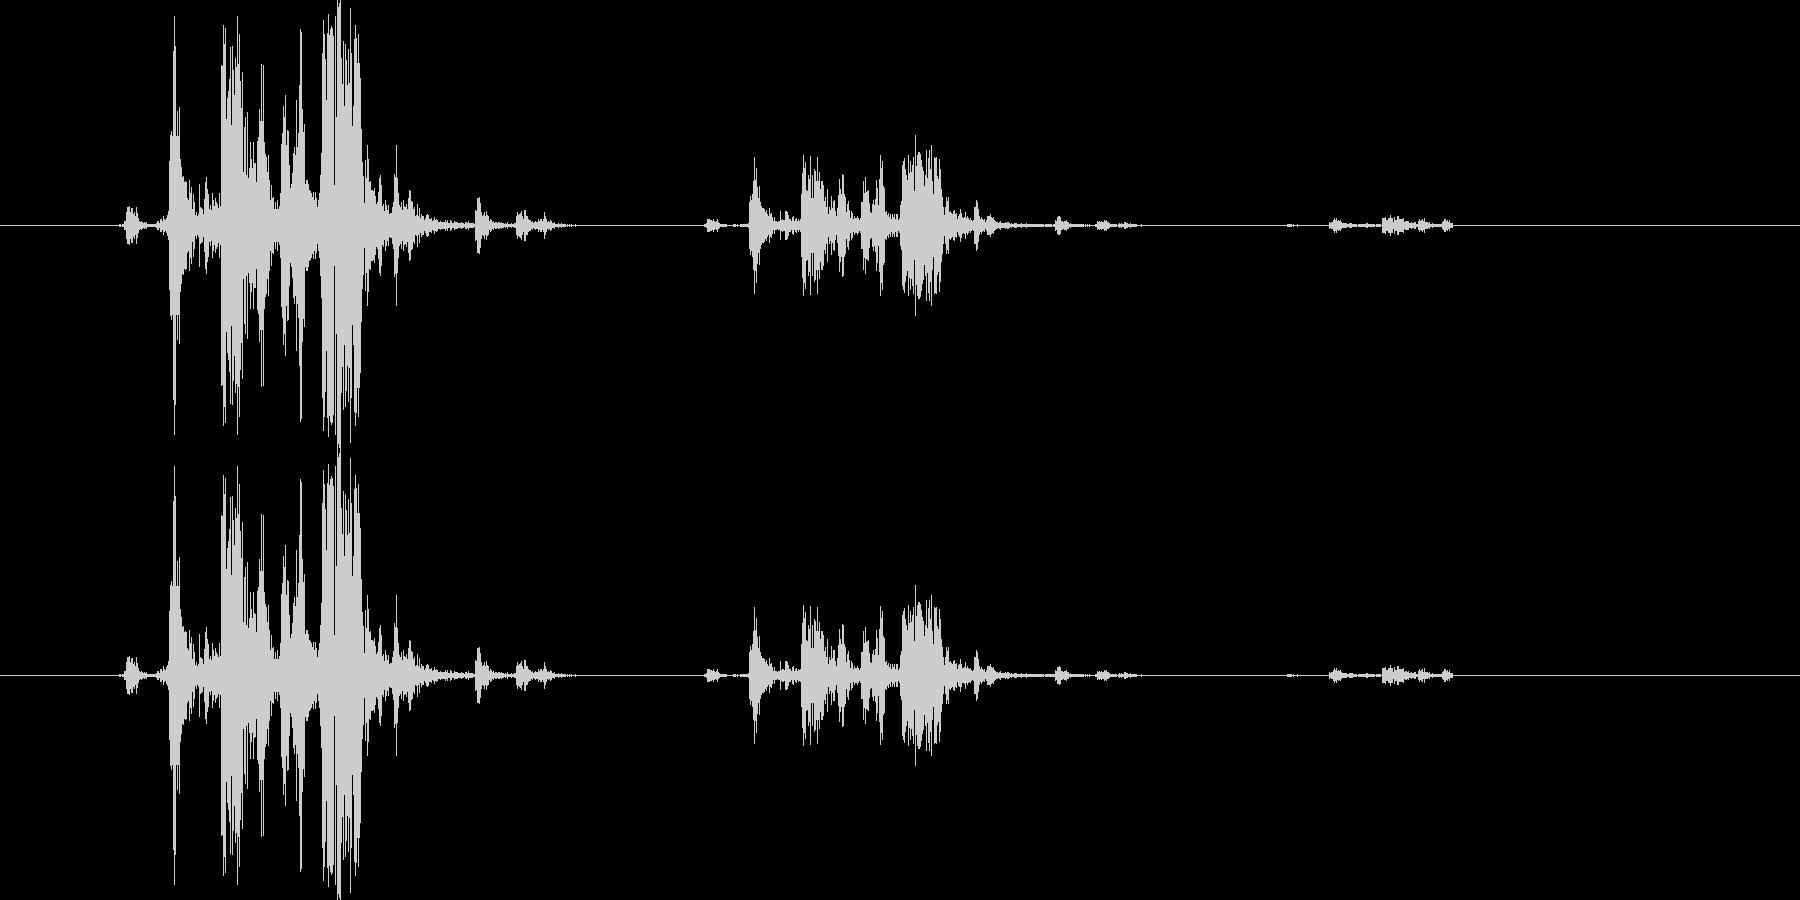 カメラのシャッター音5(カッシャッ)の未再生の波形